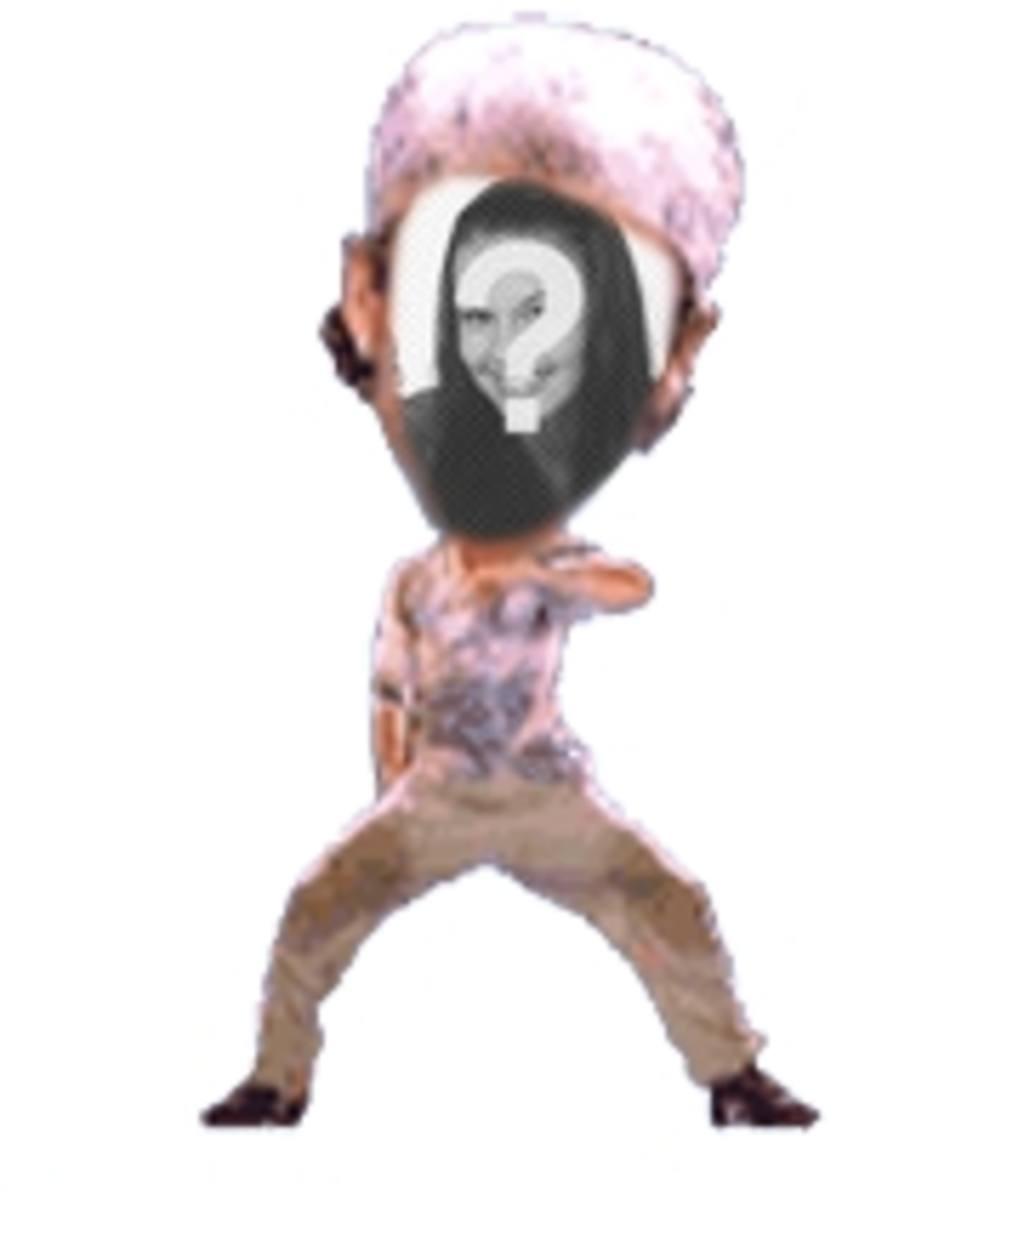 Fun animation personnalisée dans laquelle vous pouvez mettre votre visage dans un danseur fantastique